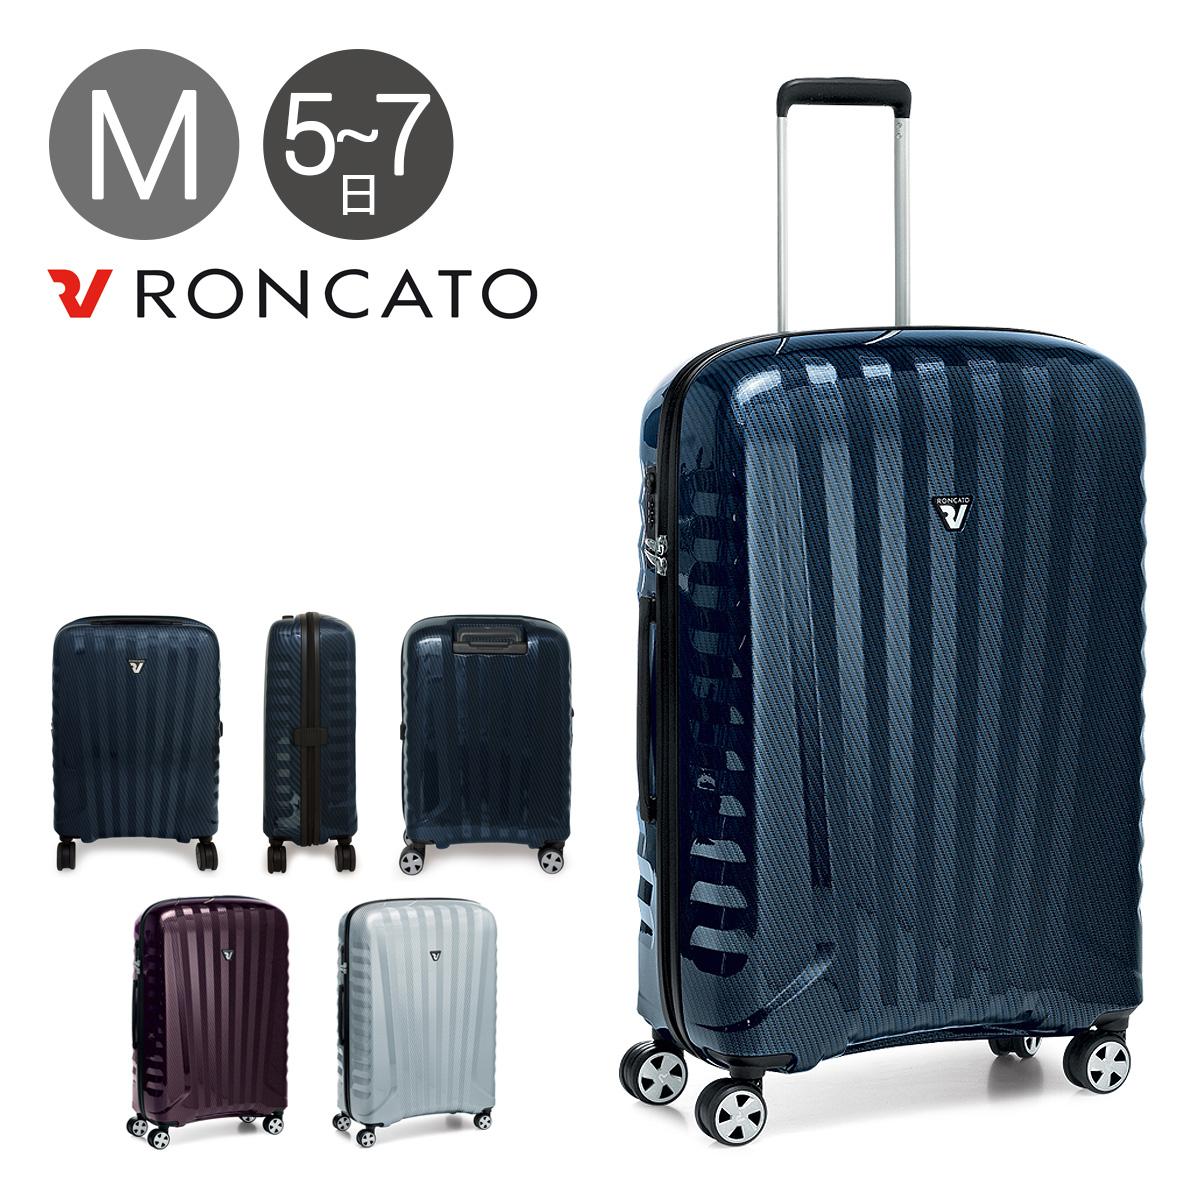 ロンカート スーツケース 67cm ハード 5175 プレミアムカーボン キャリーケース TSAロック搭載 10年保証 イタリア製 RONCATO PREMIUM ZSL CARBON [PO10][bef]